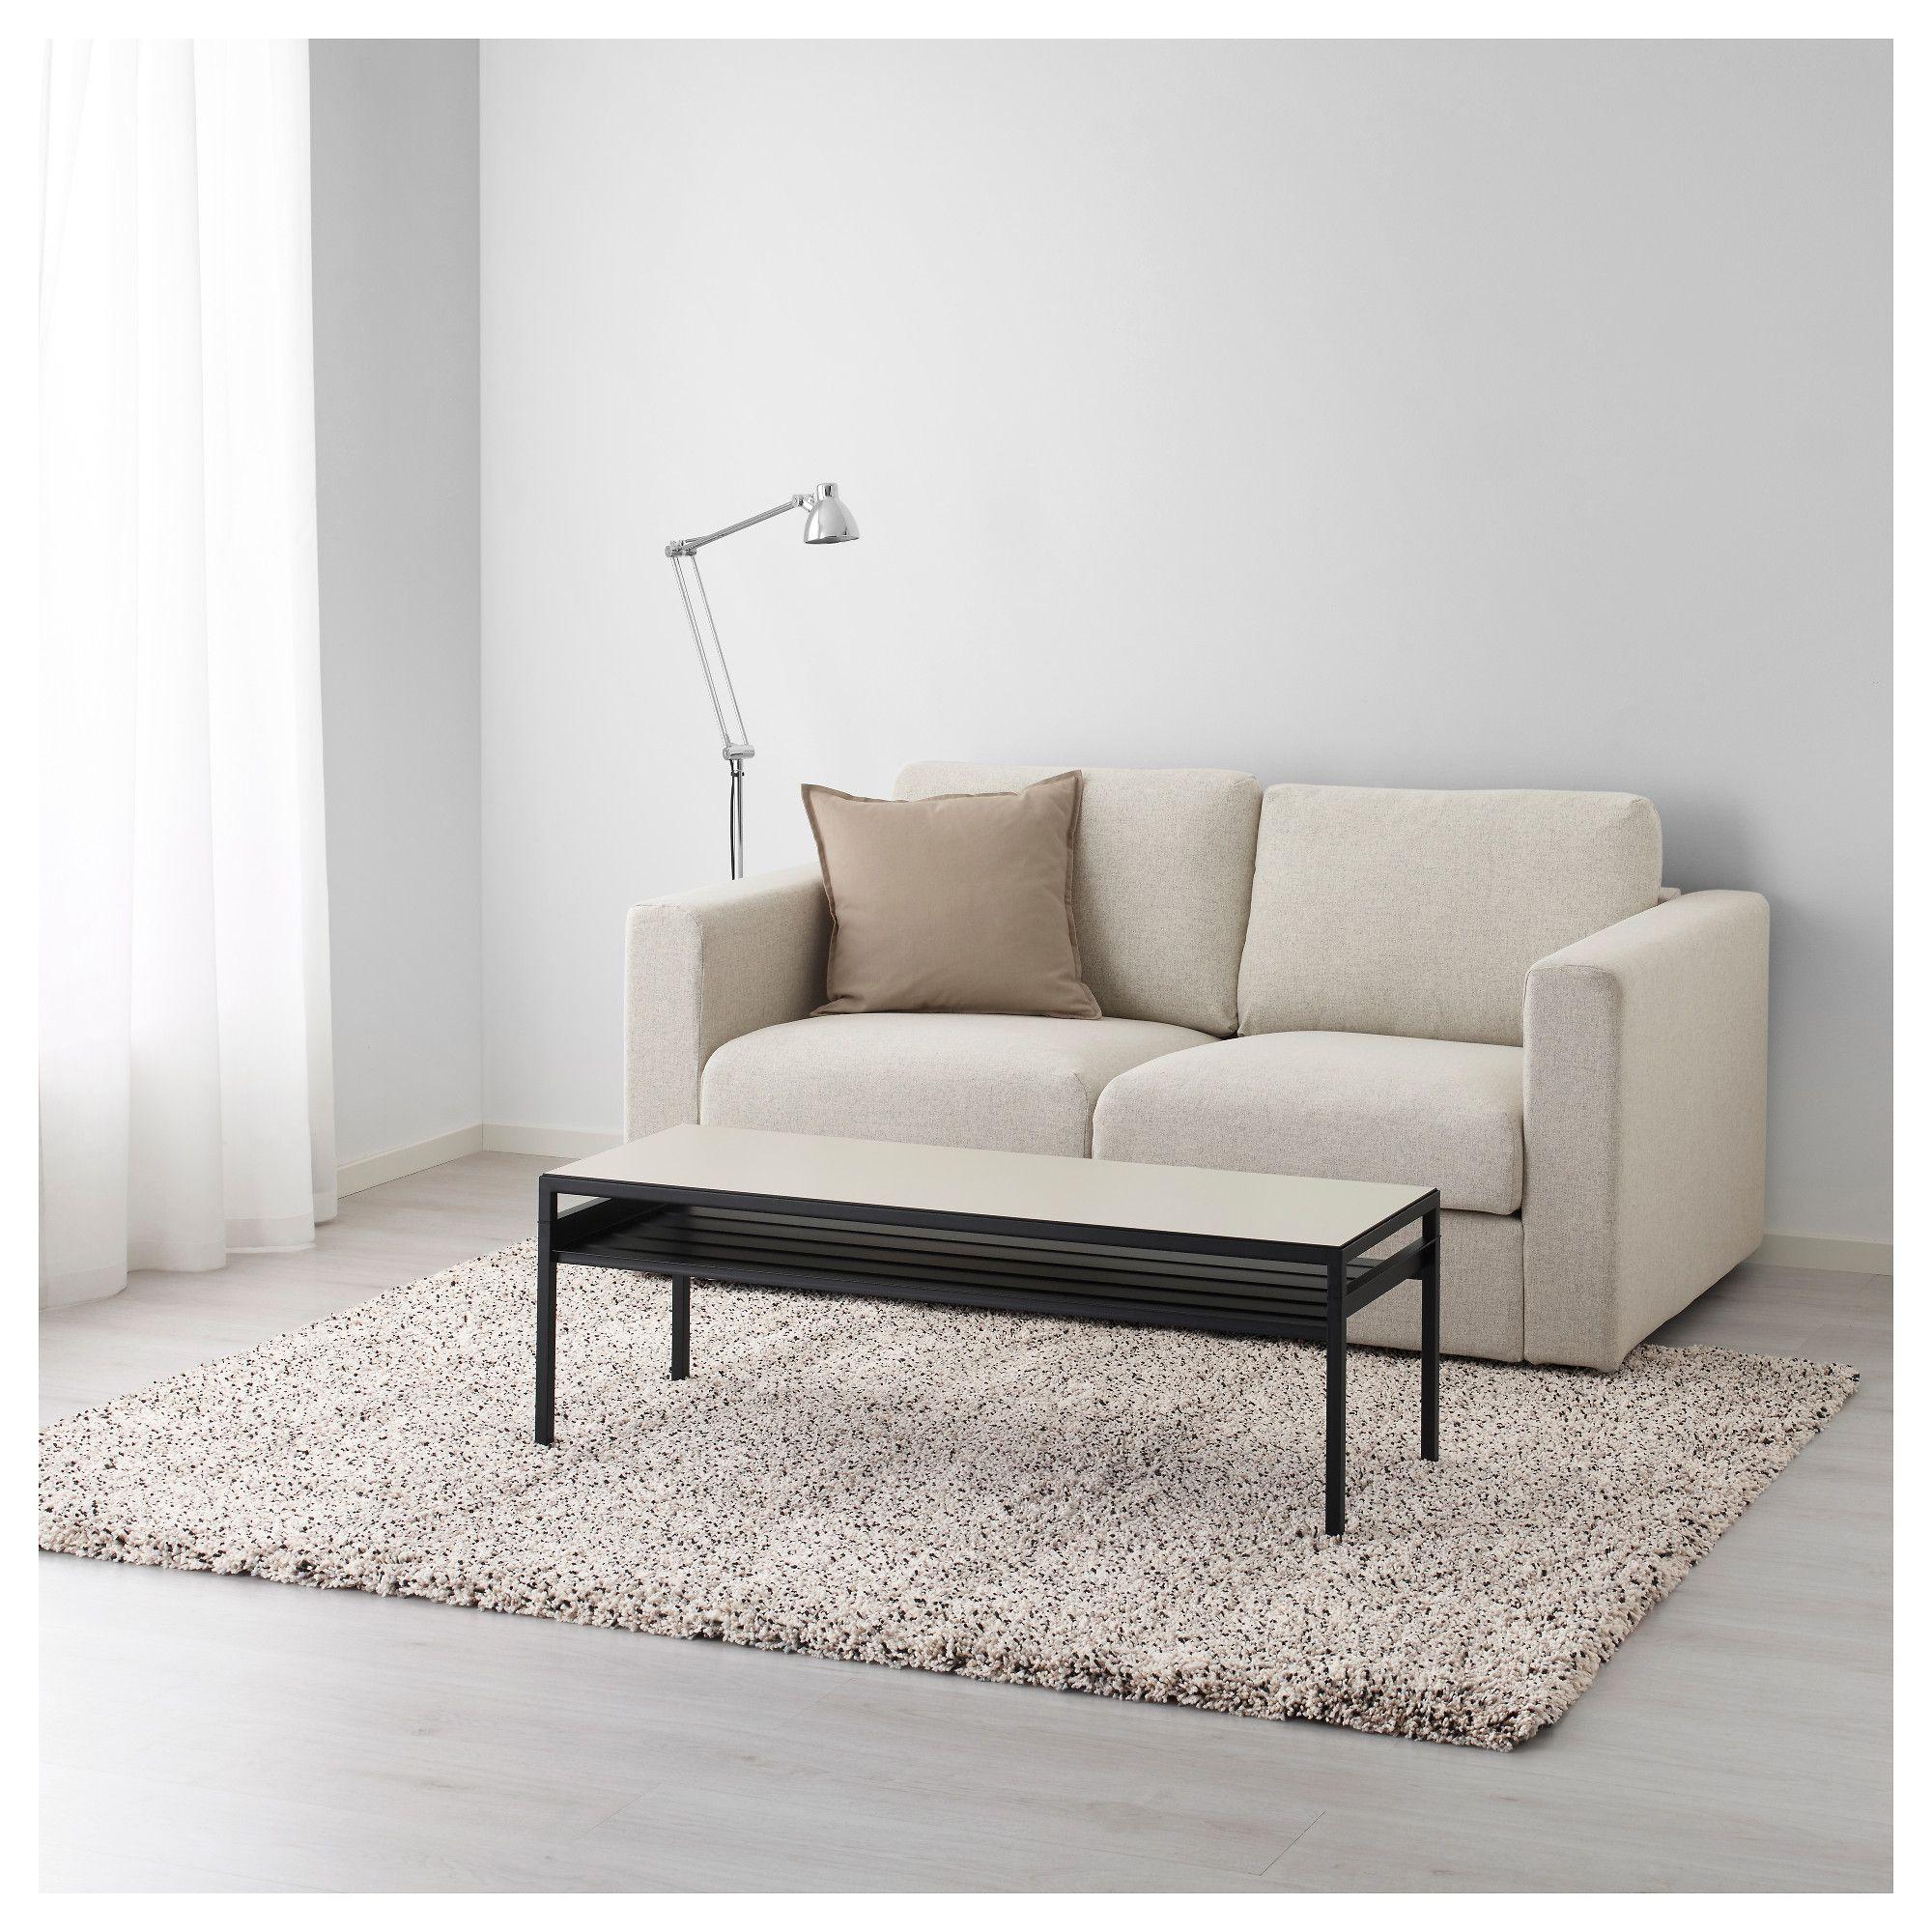 Ikea Vindum rug Beige colour